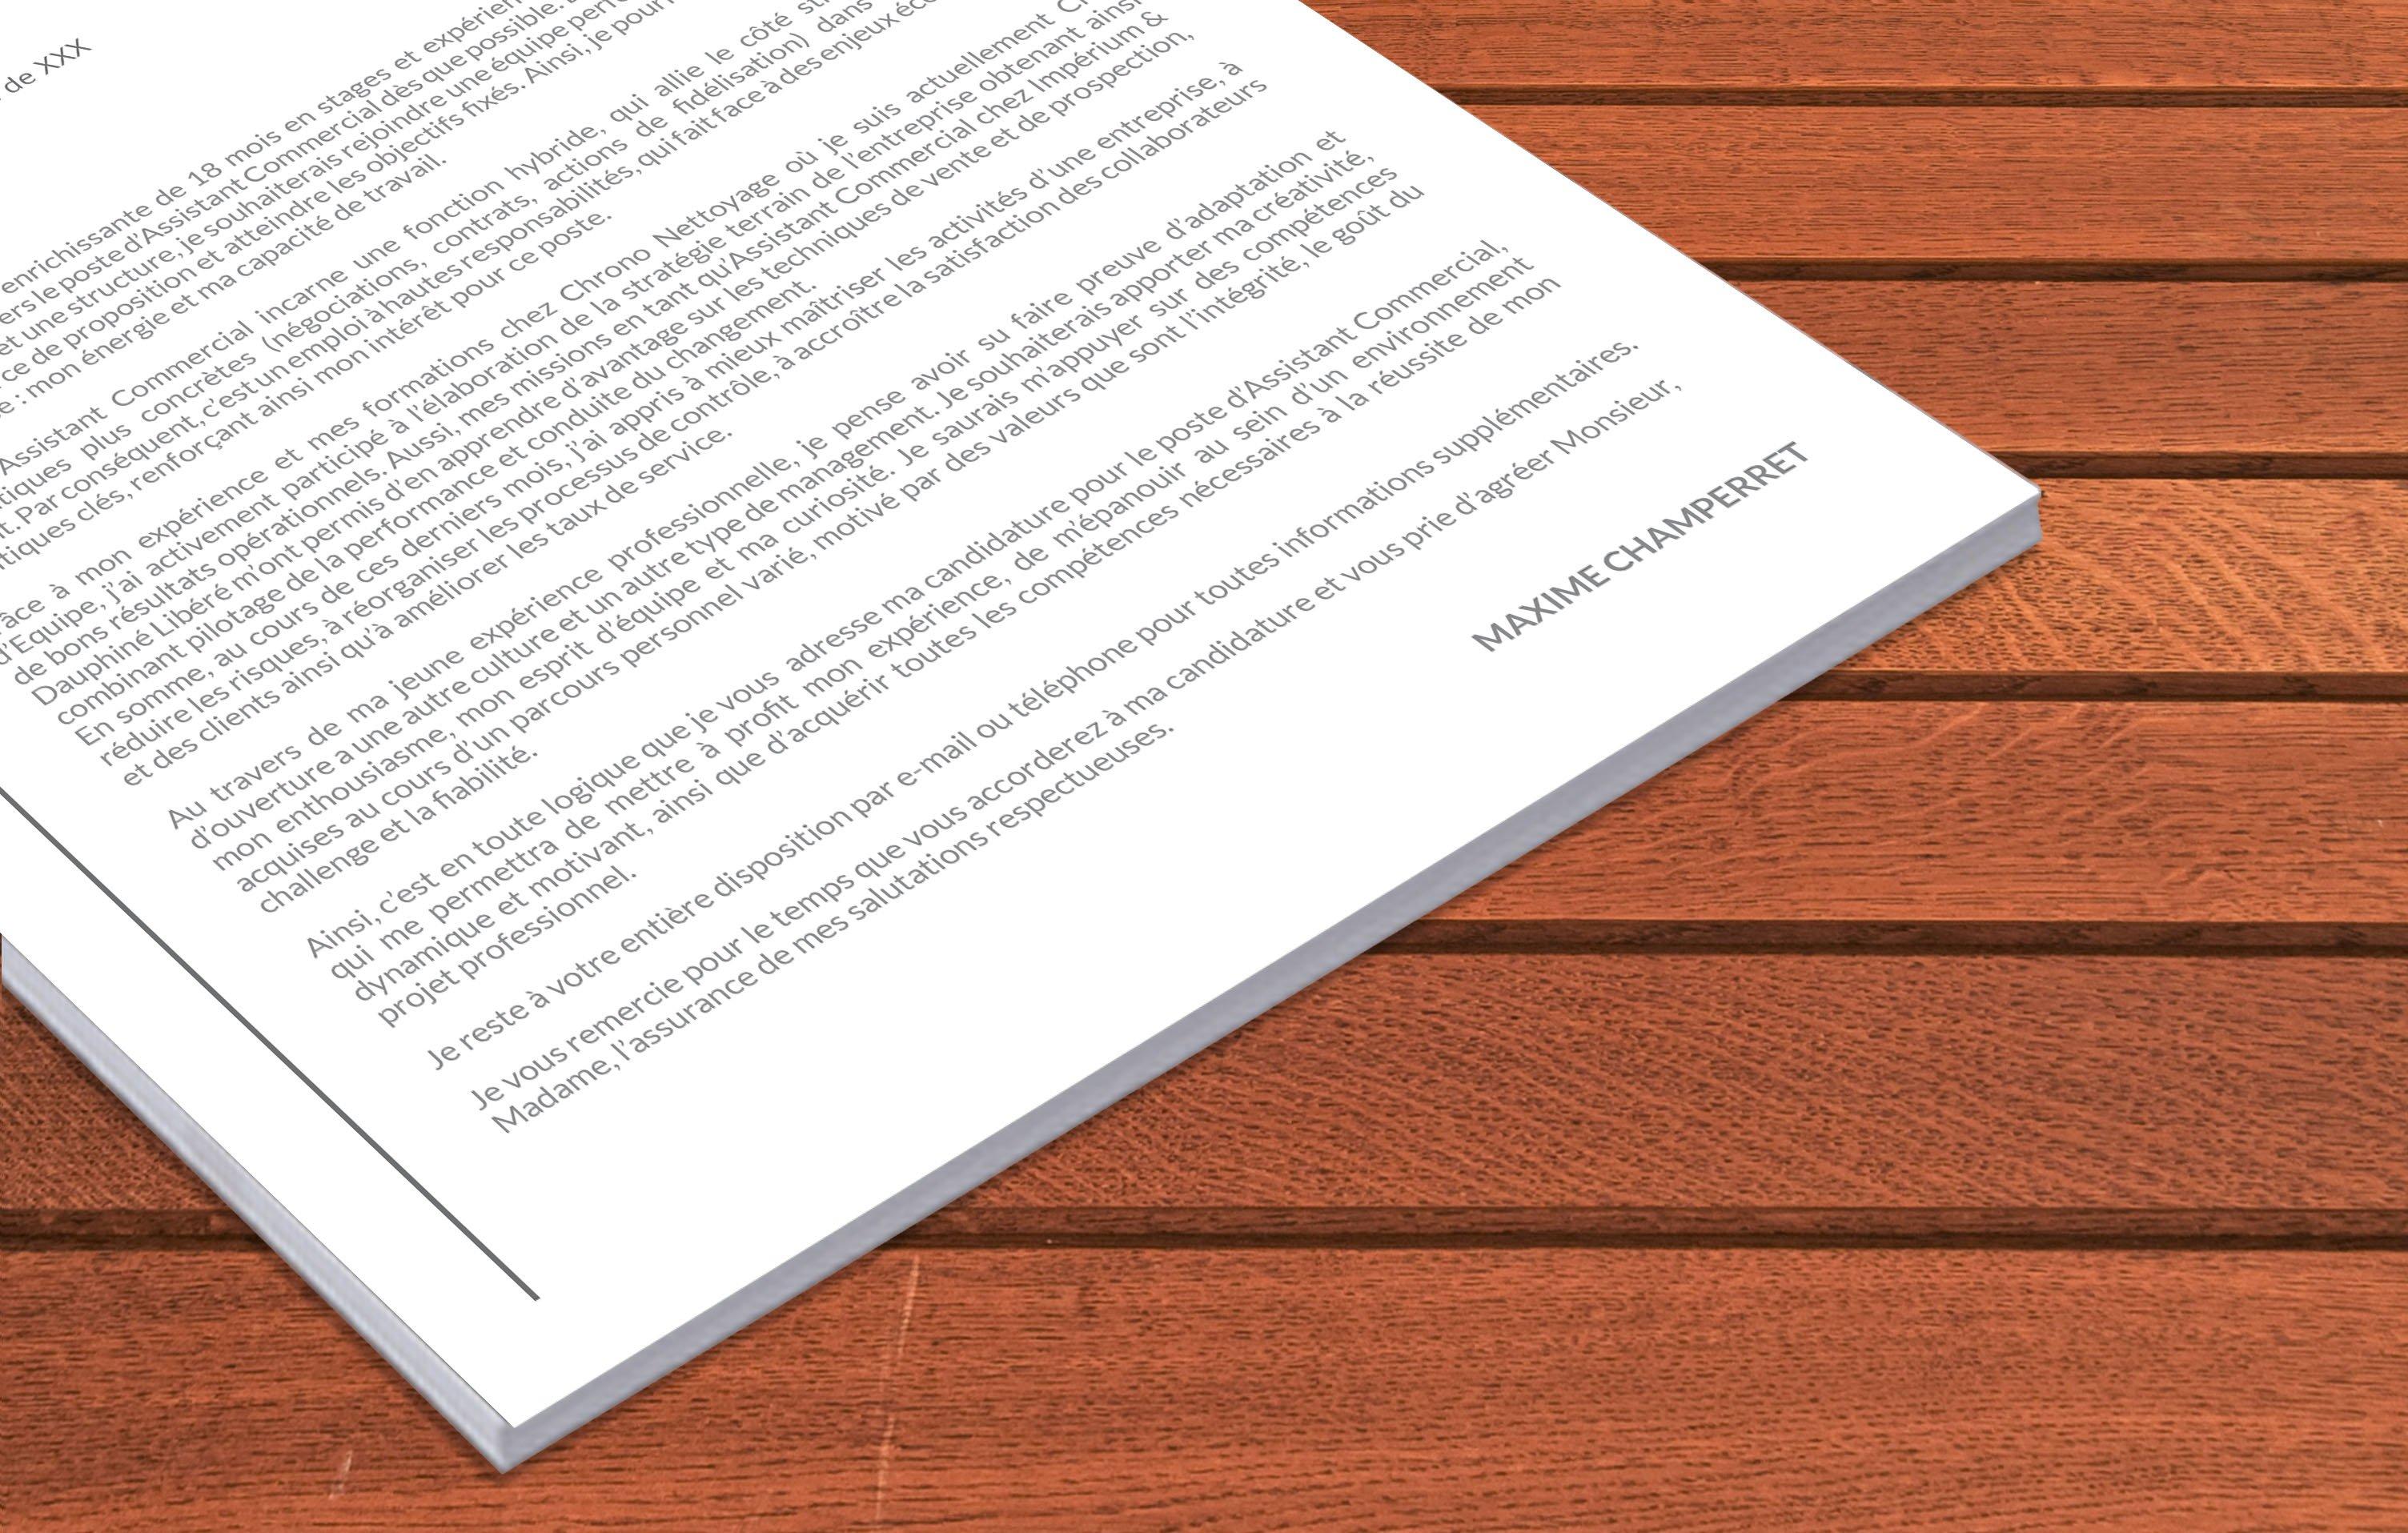 mycvfactory-cover-letter-la-bleue-2_h0F0Xeh.jpg